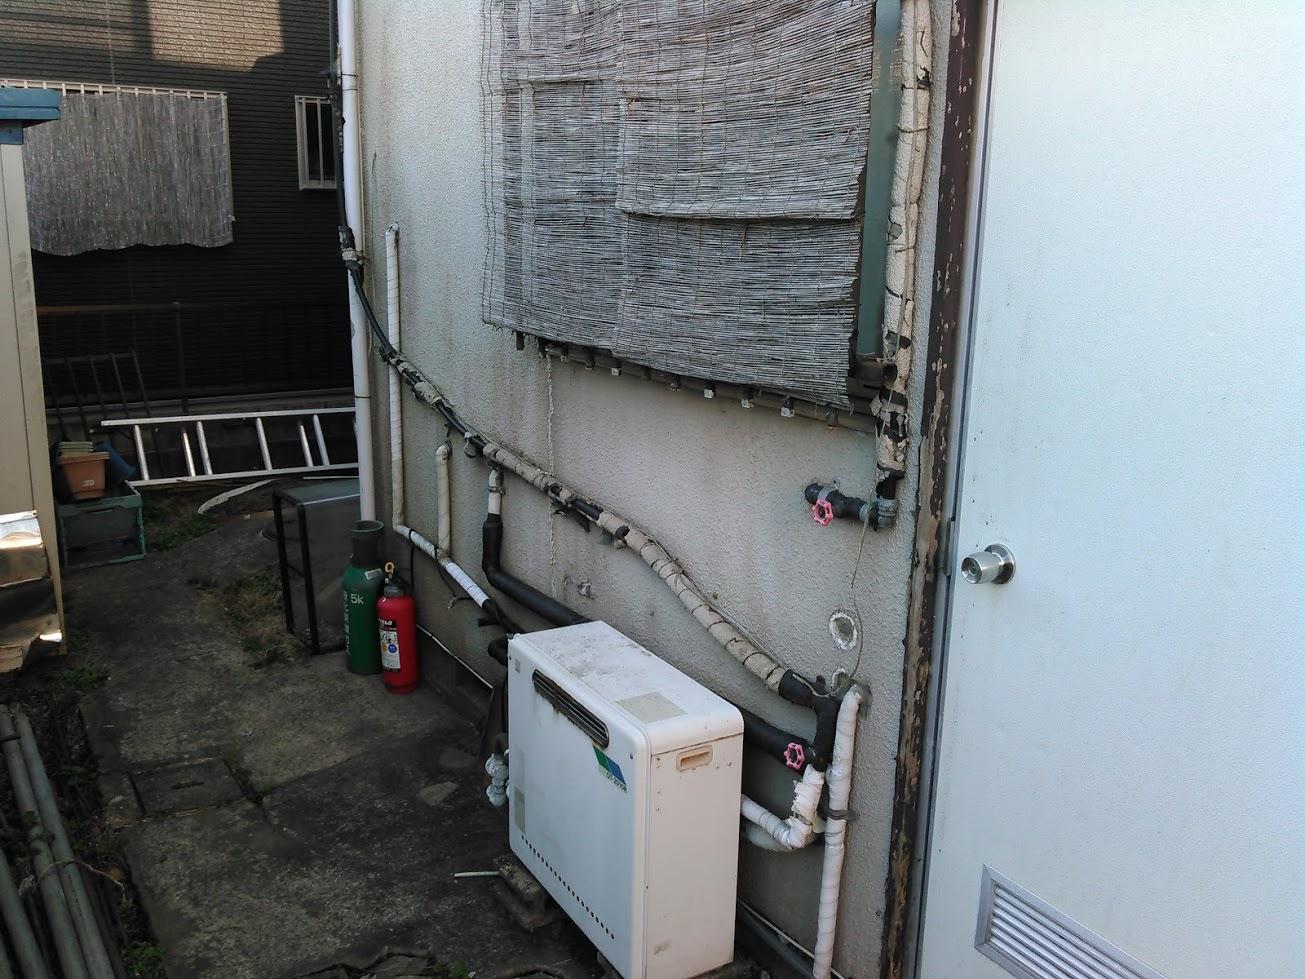 ノーリツGT-2010RからパロマFH-E207AWLへ給湯器交換!